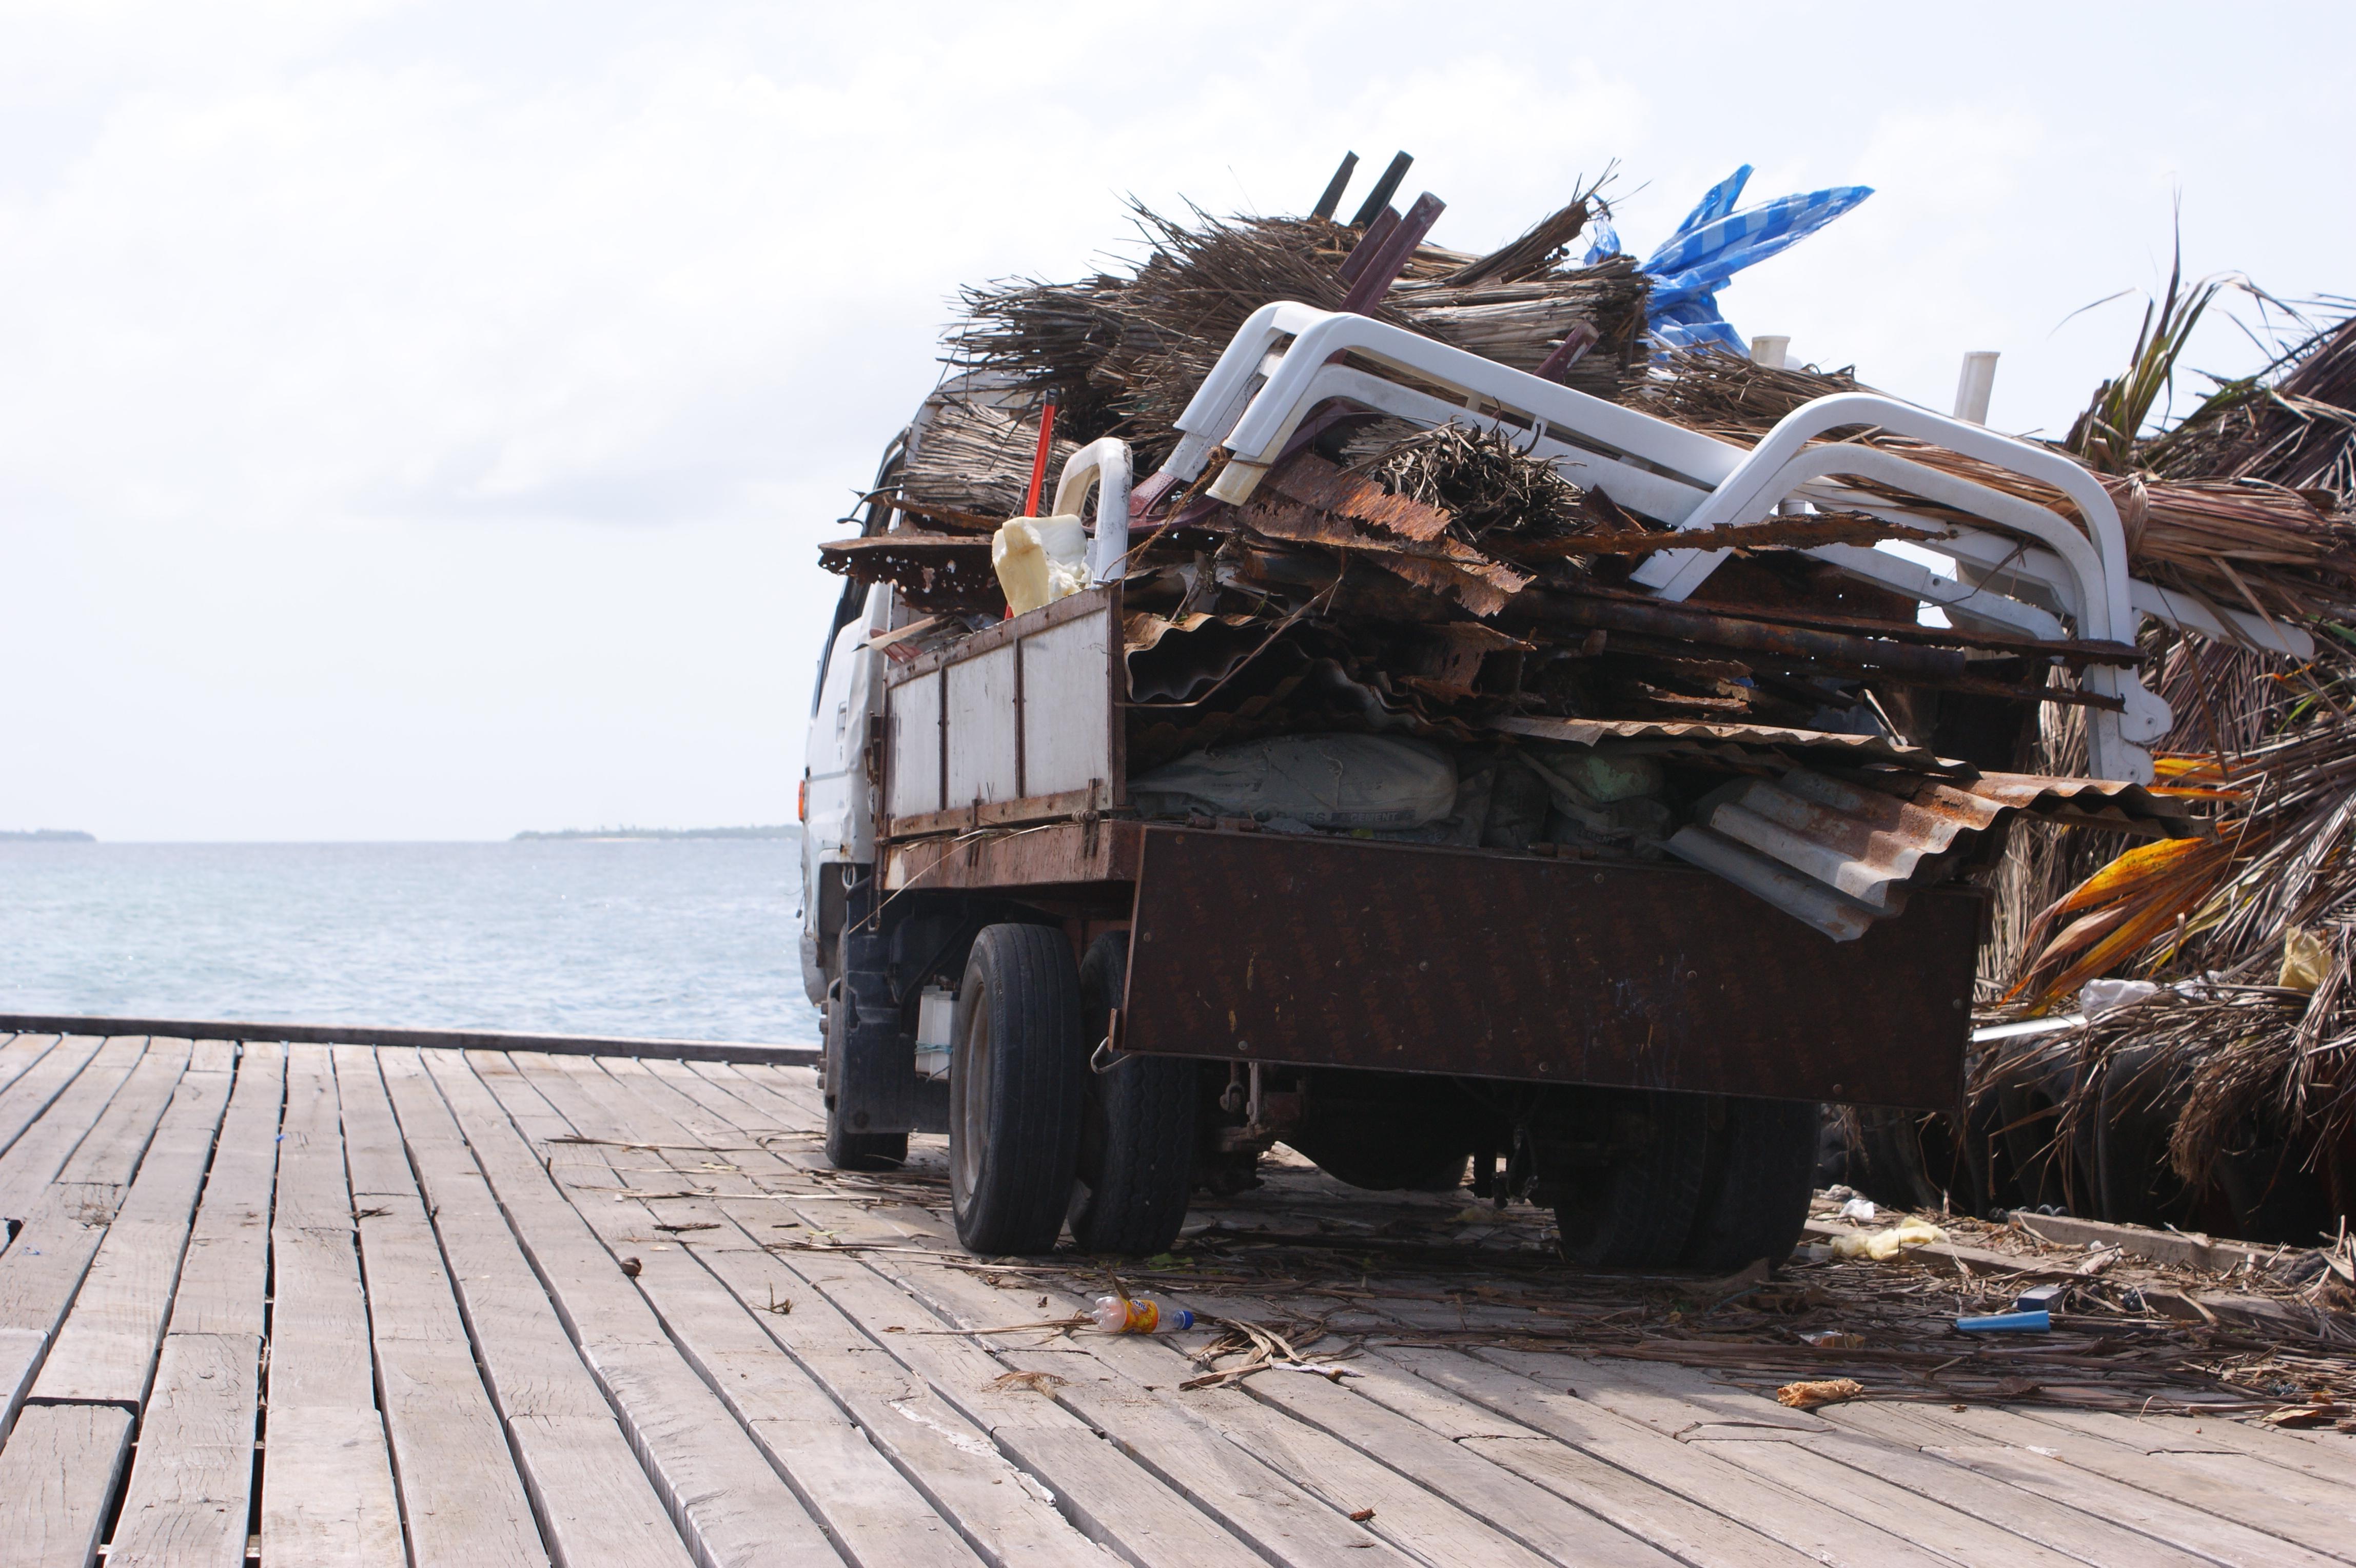 Haushalts- und Industrieabfälle sorgen für Meeresverschmutzung (c) Matthias Preisinger/Pixelio